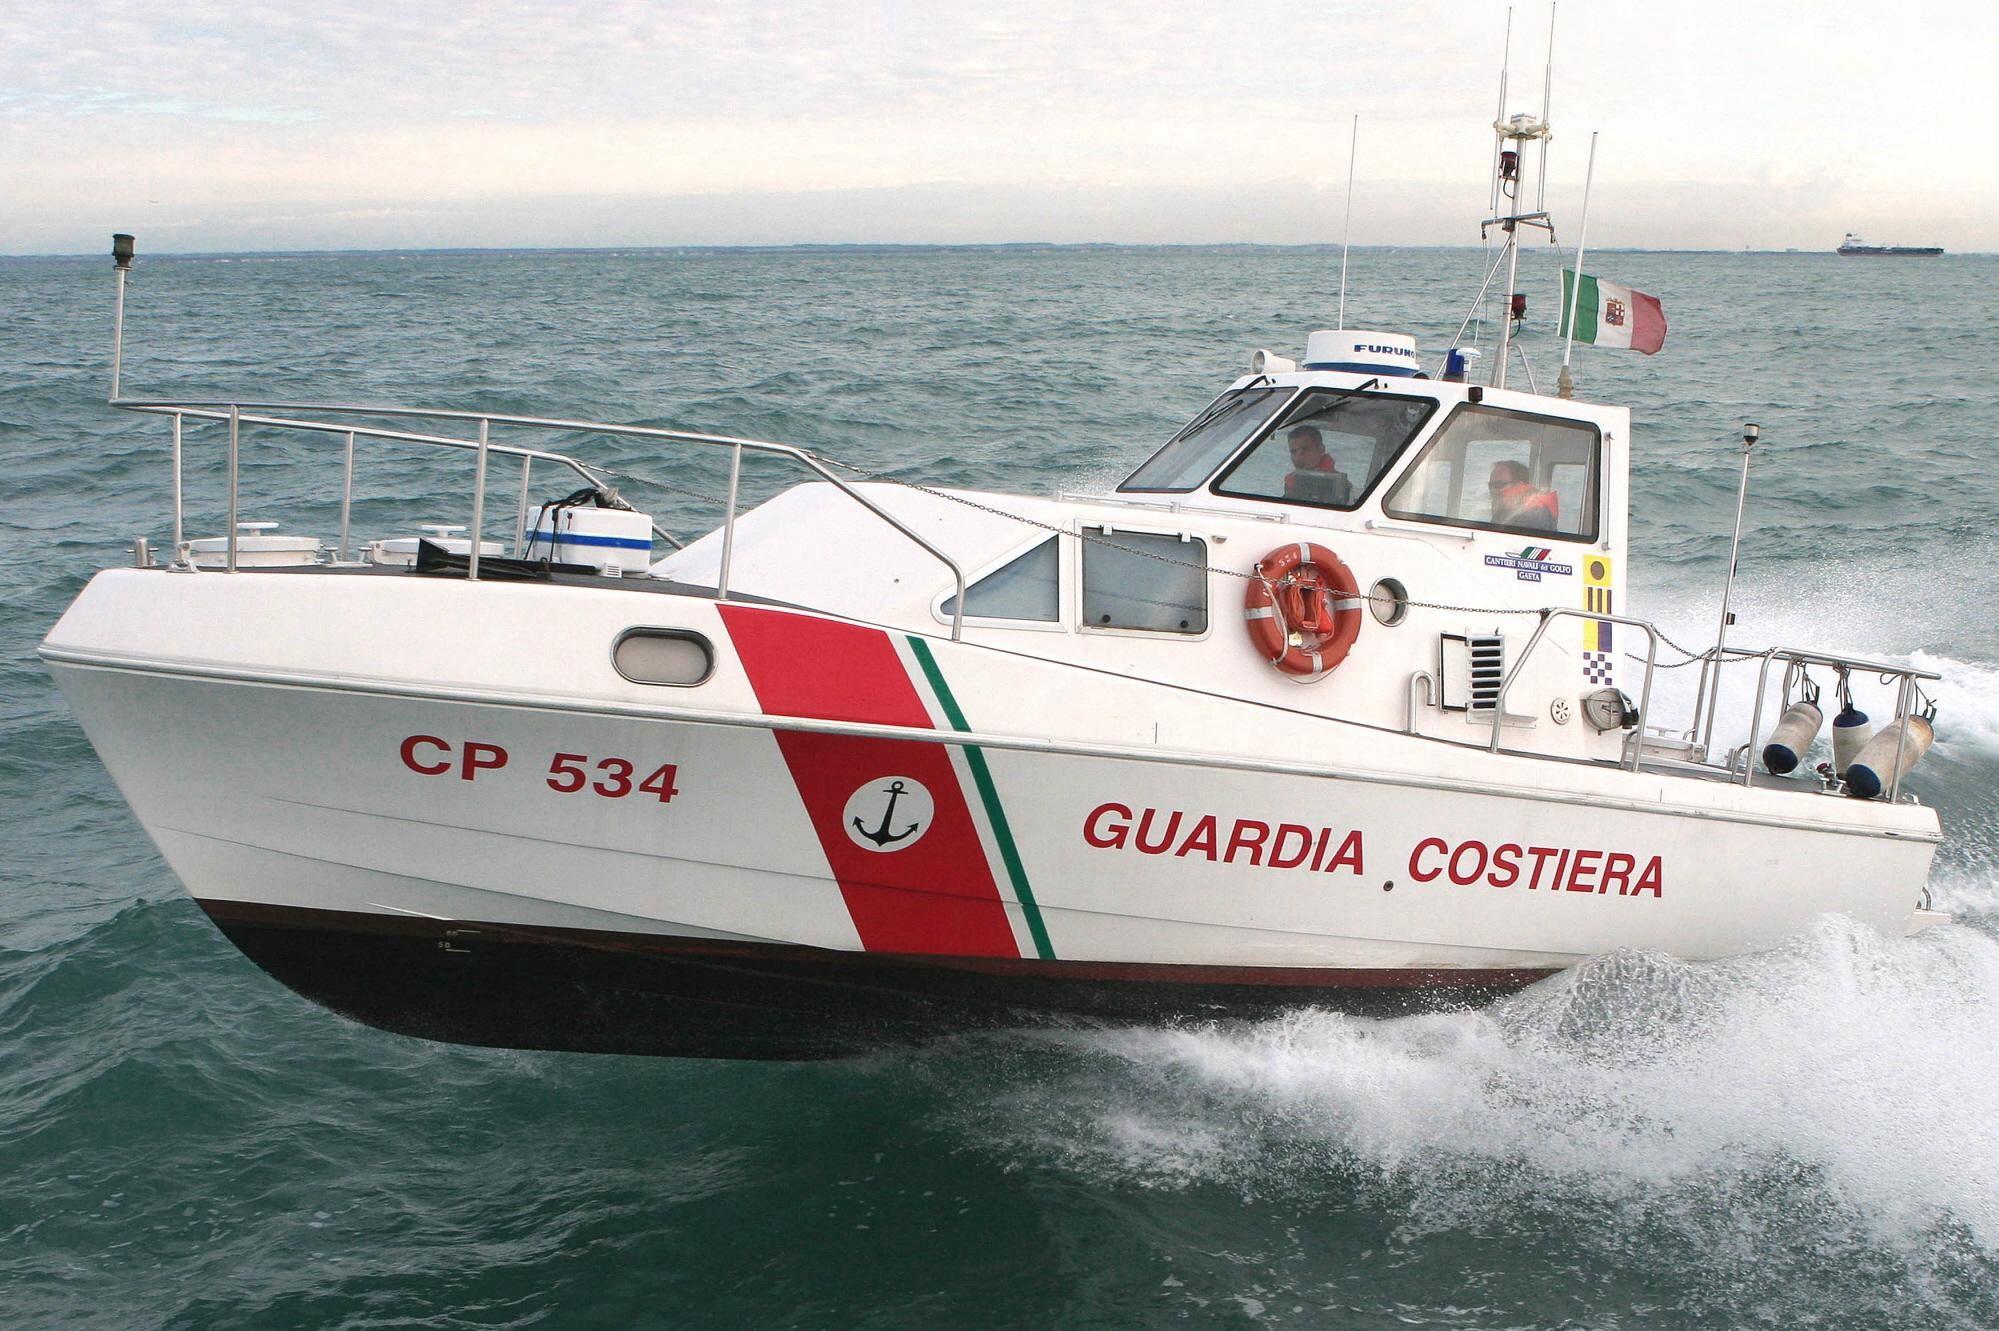 La Guardia Costiera ha condotto questa operazione